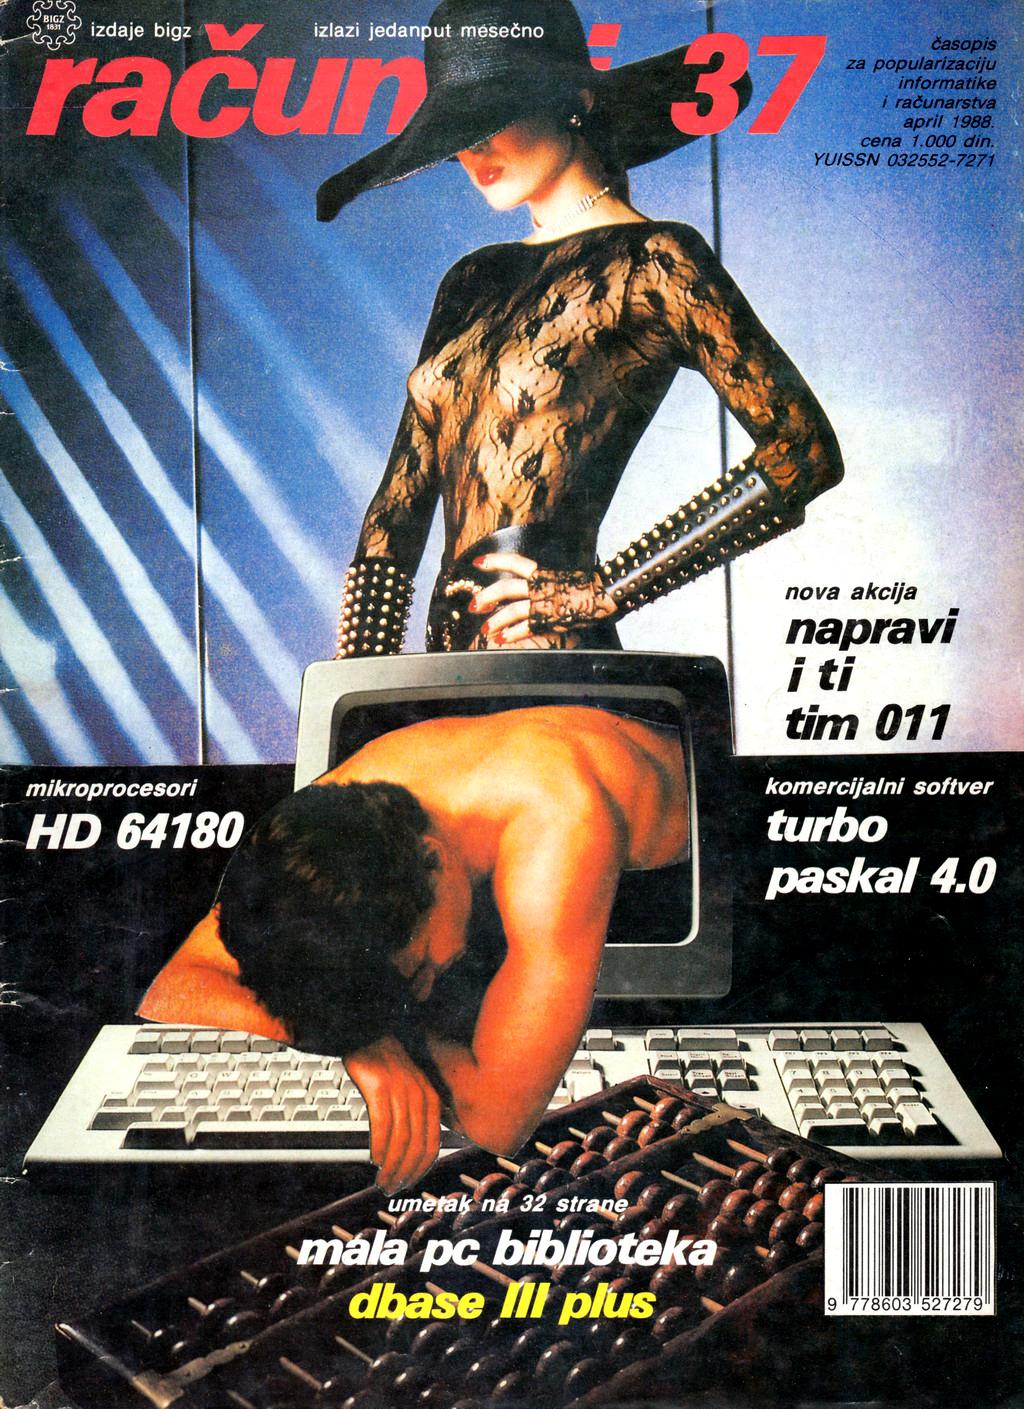 Samus Aran porno sarja kuvat